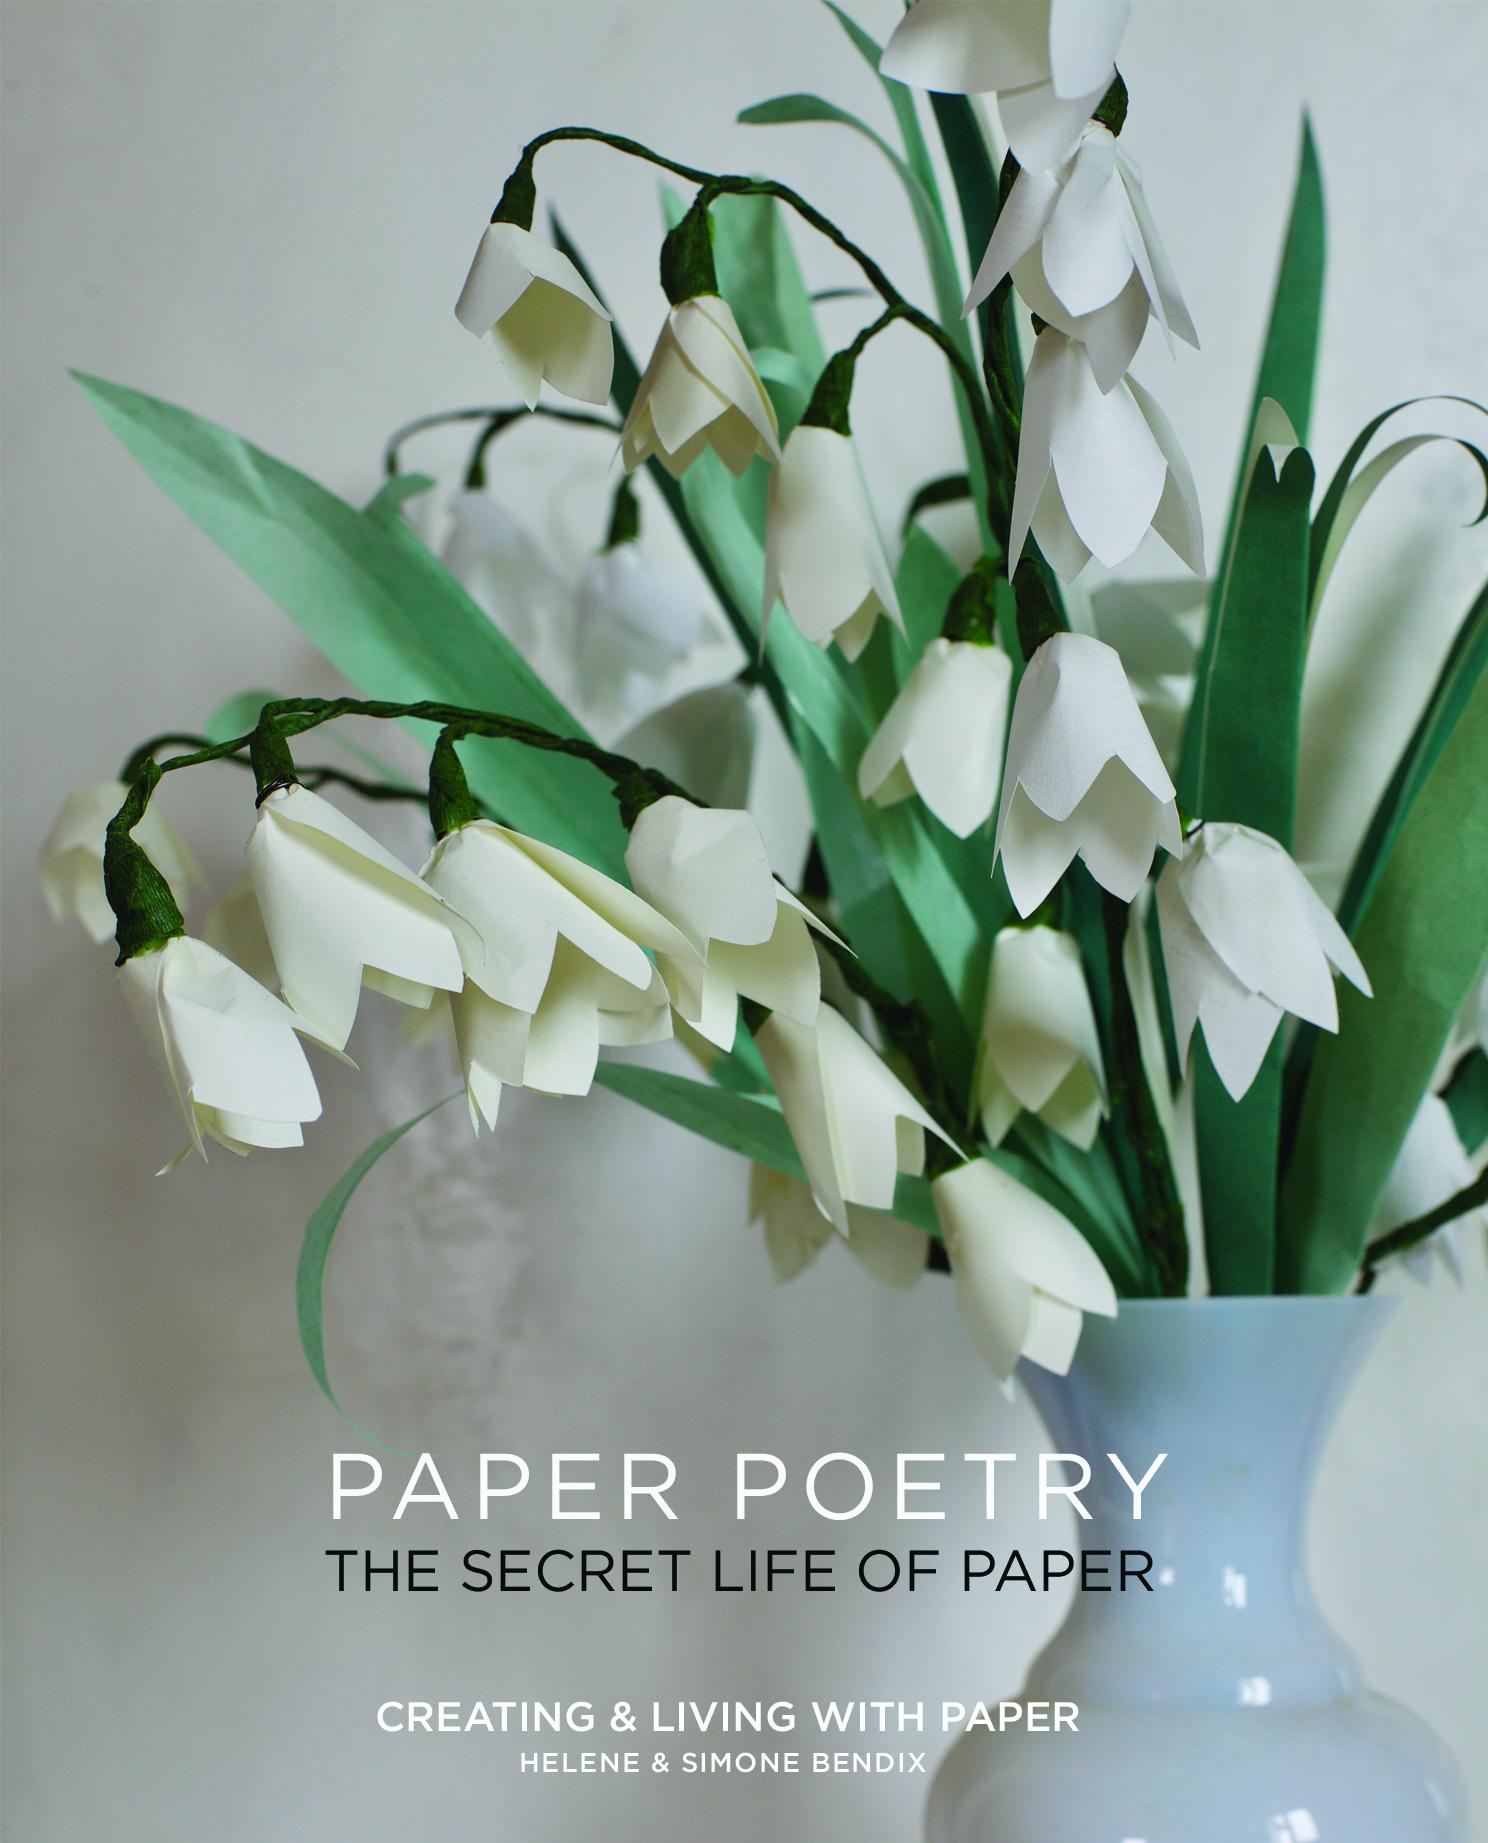 PAPERPOETRYflowers.jpeg